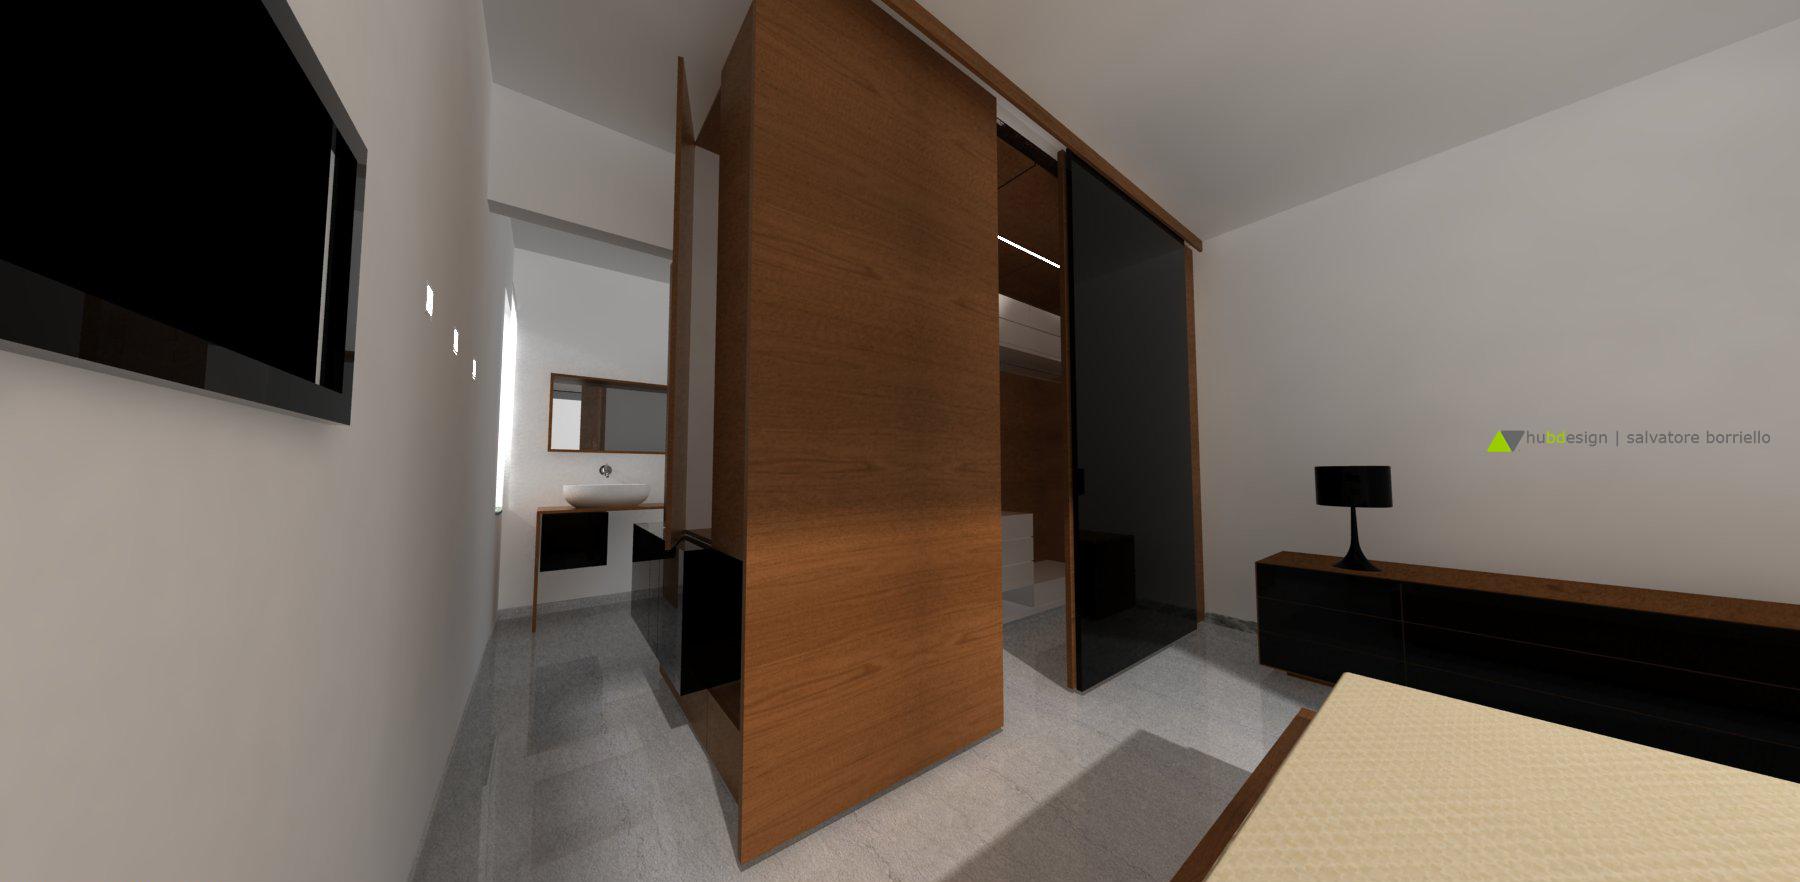 Progetto di interior design per casa spataro - Progetto casa design ...